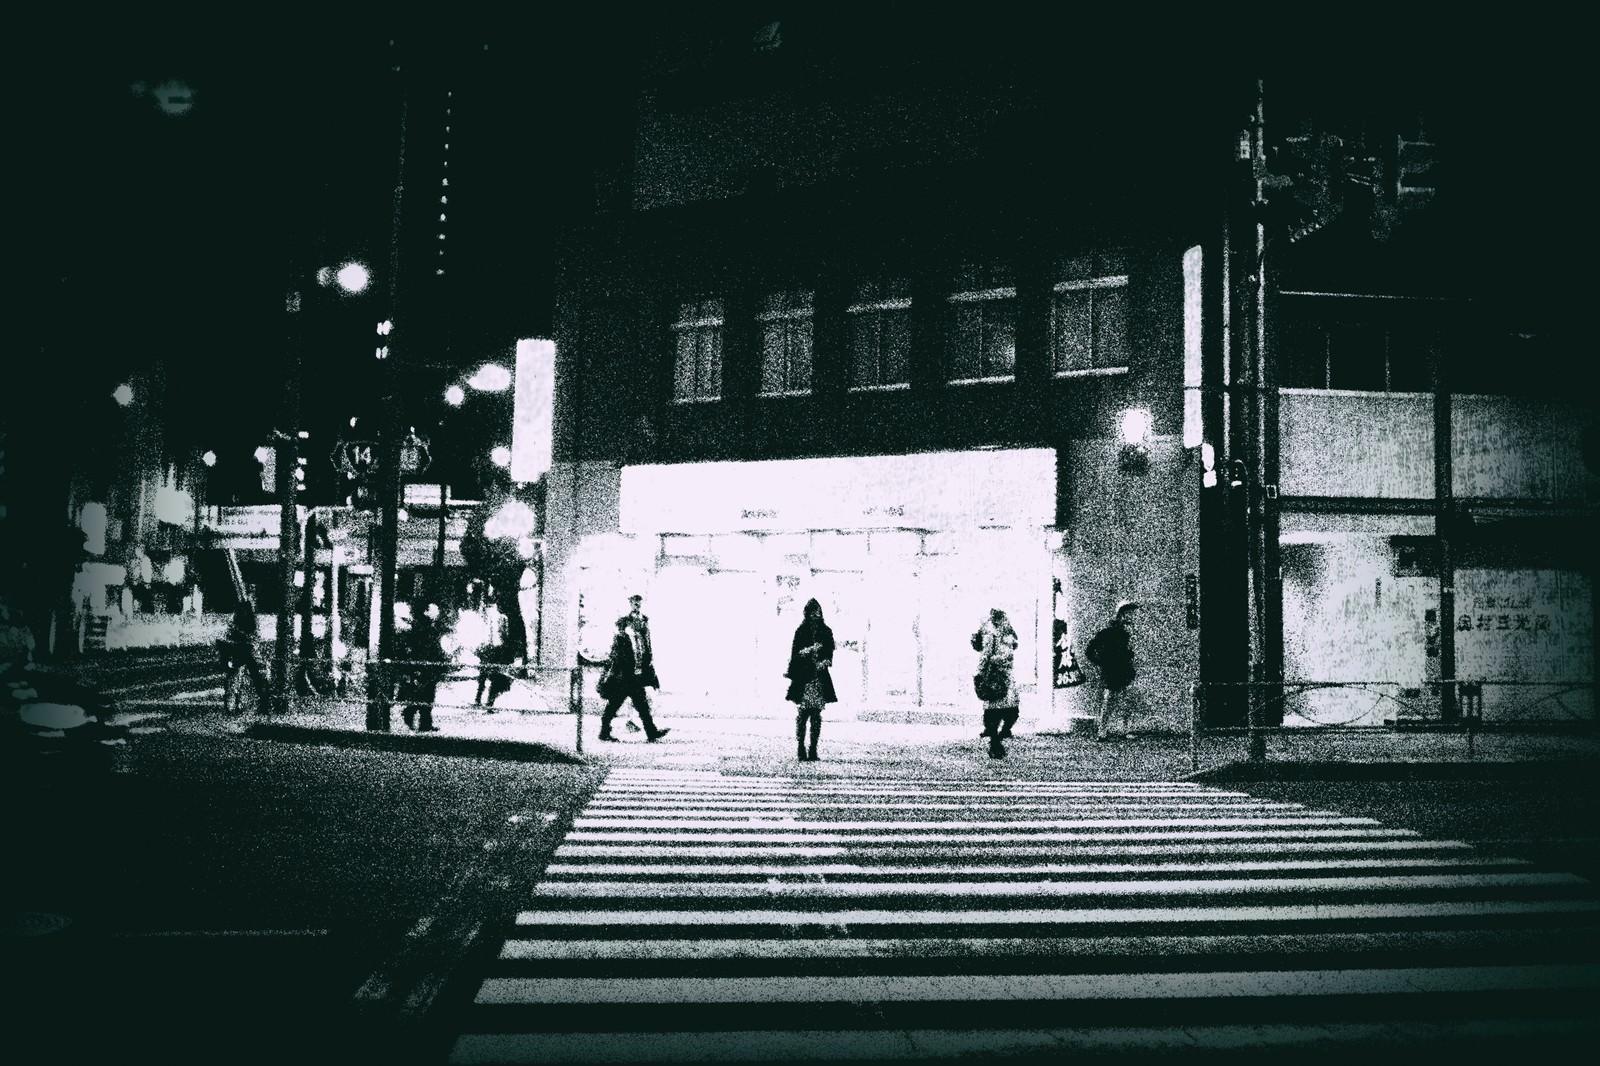 「信号待ち(白黒)」の写真